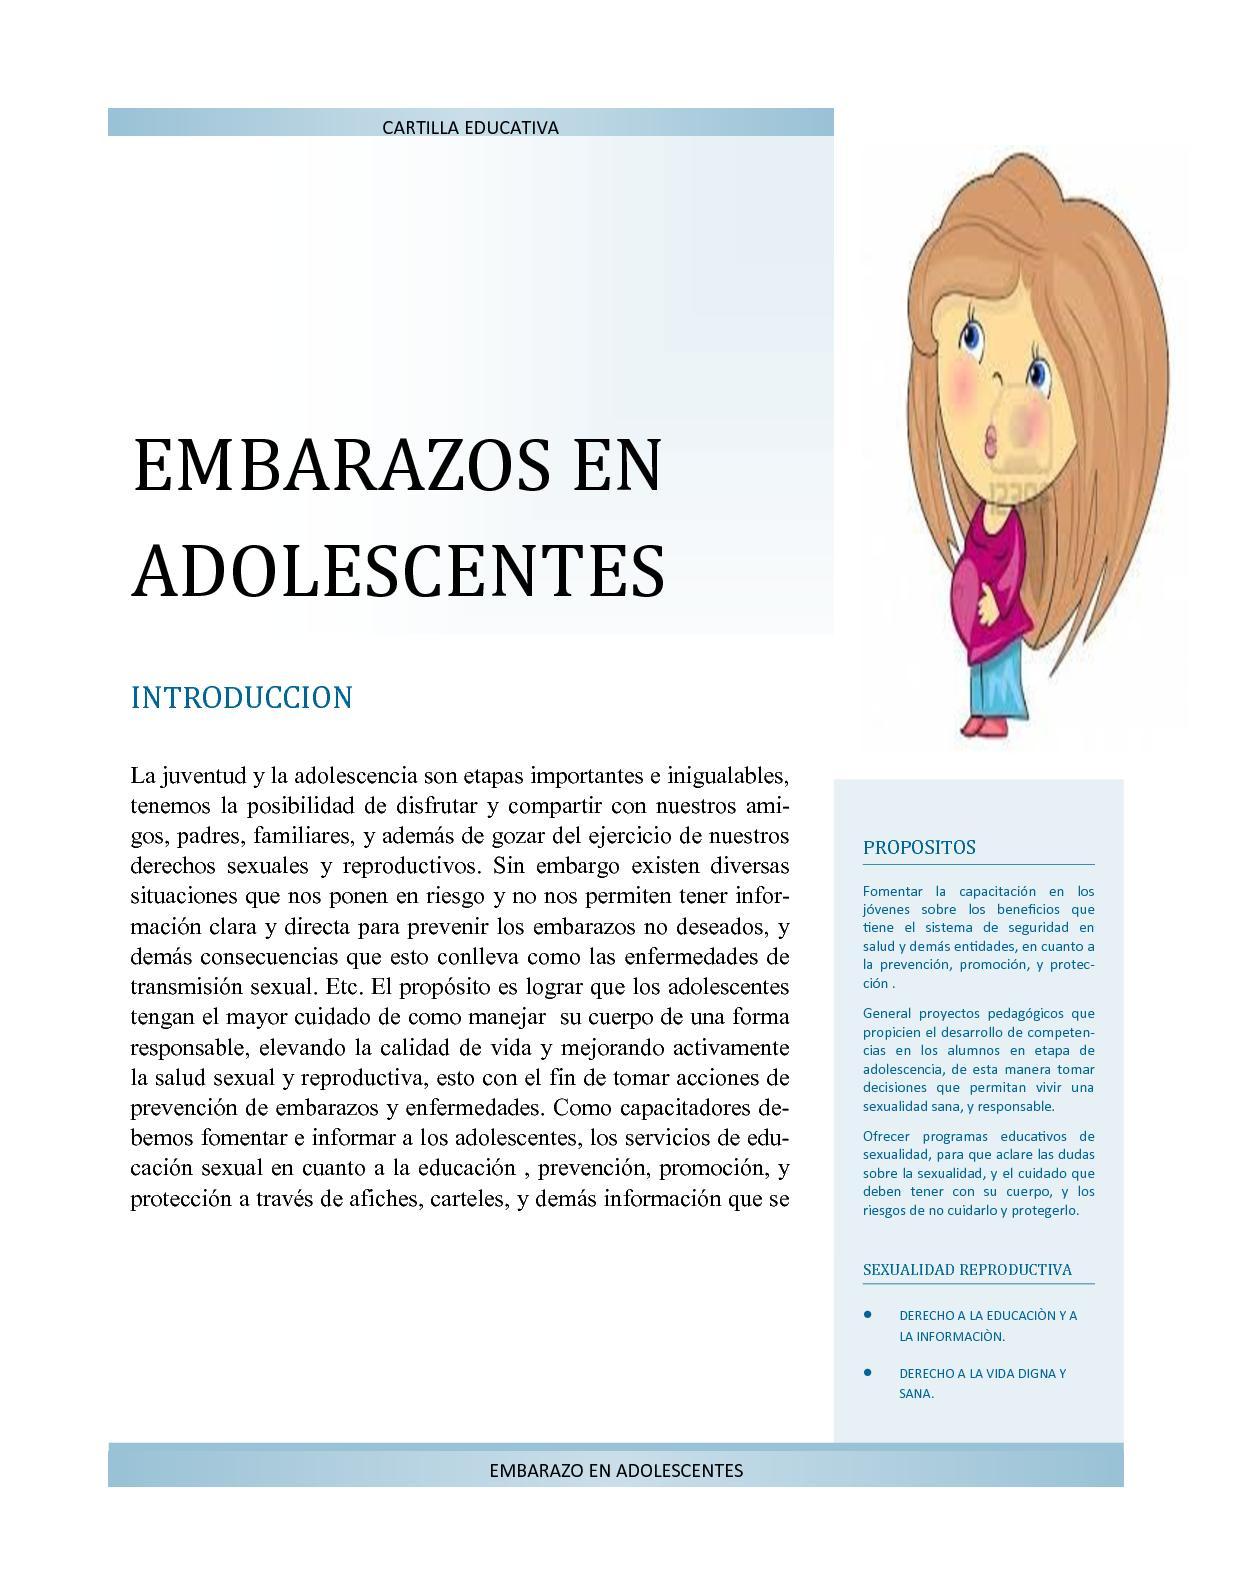 844873acd Calaméo - Cartilla Educativa Embarazo En Adolescentes